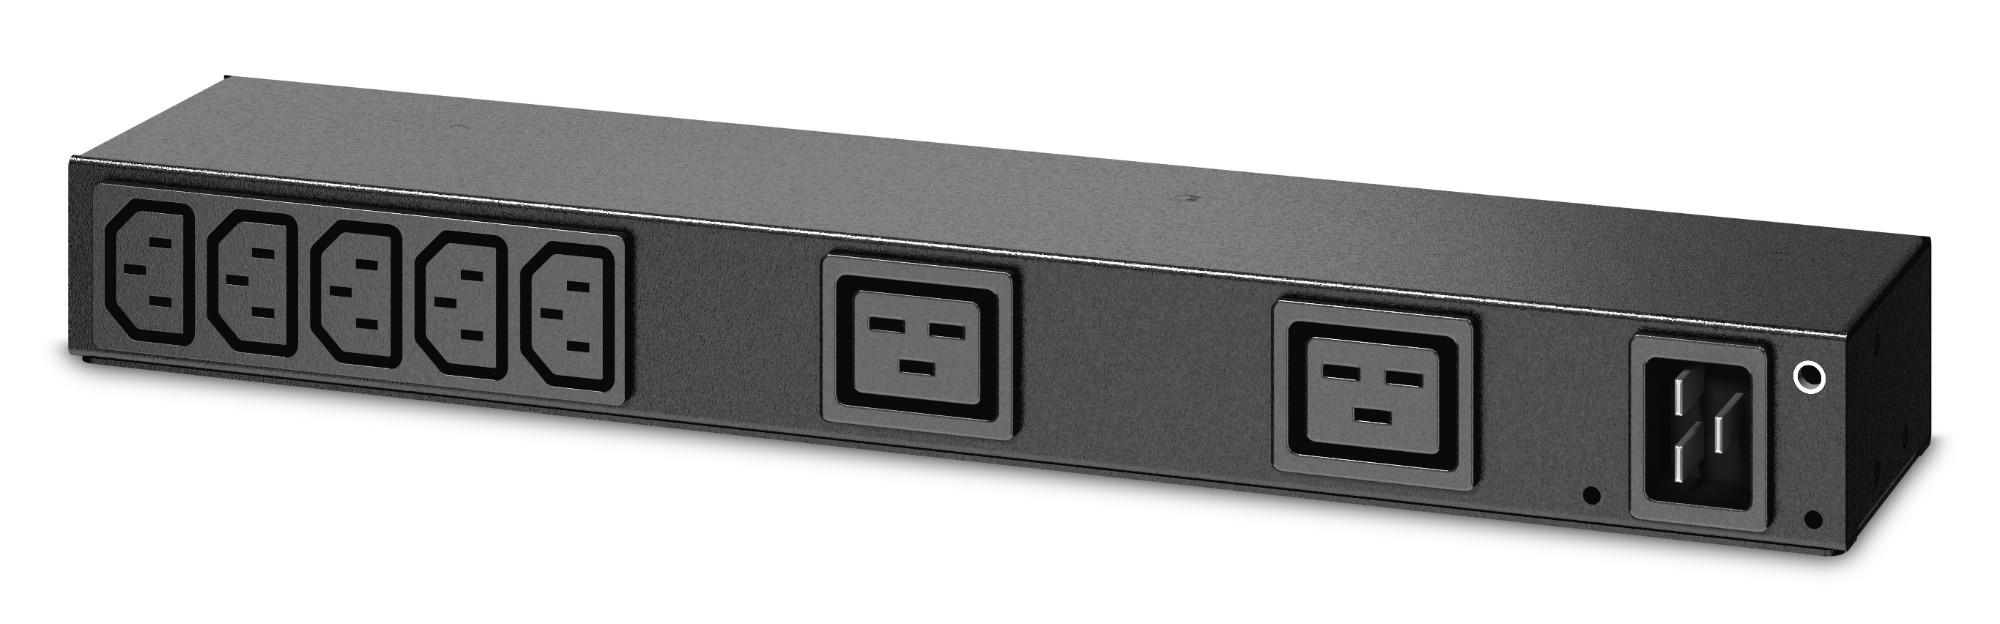 APC AP6120A power distribution unit (PDU) 7 AC outlet(s) 0U/1U Black